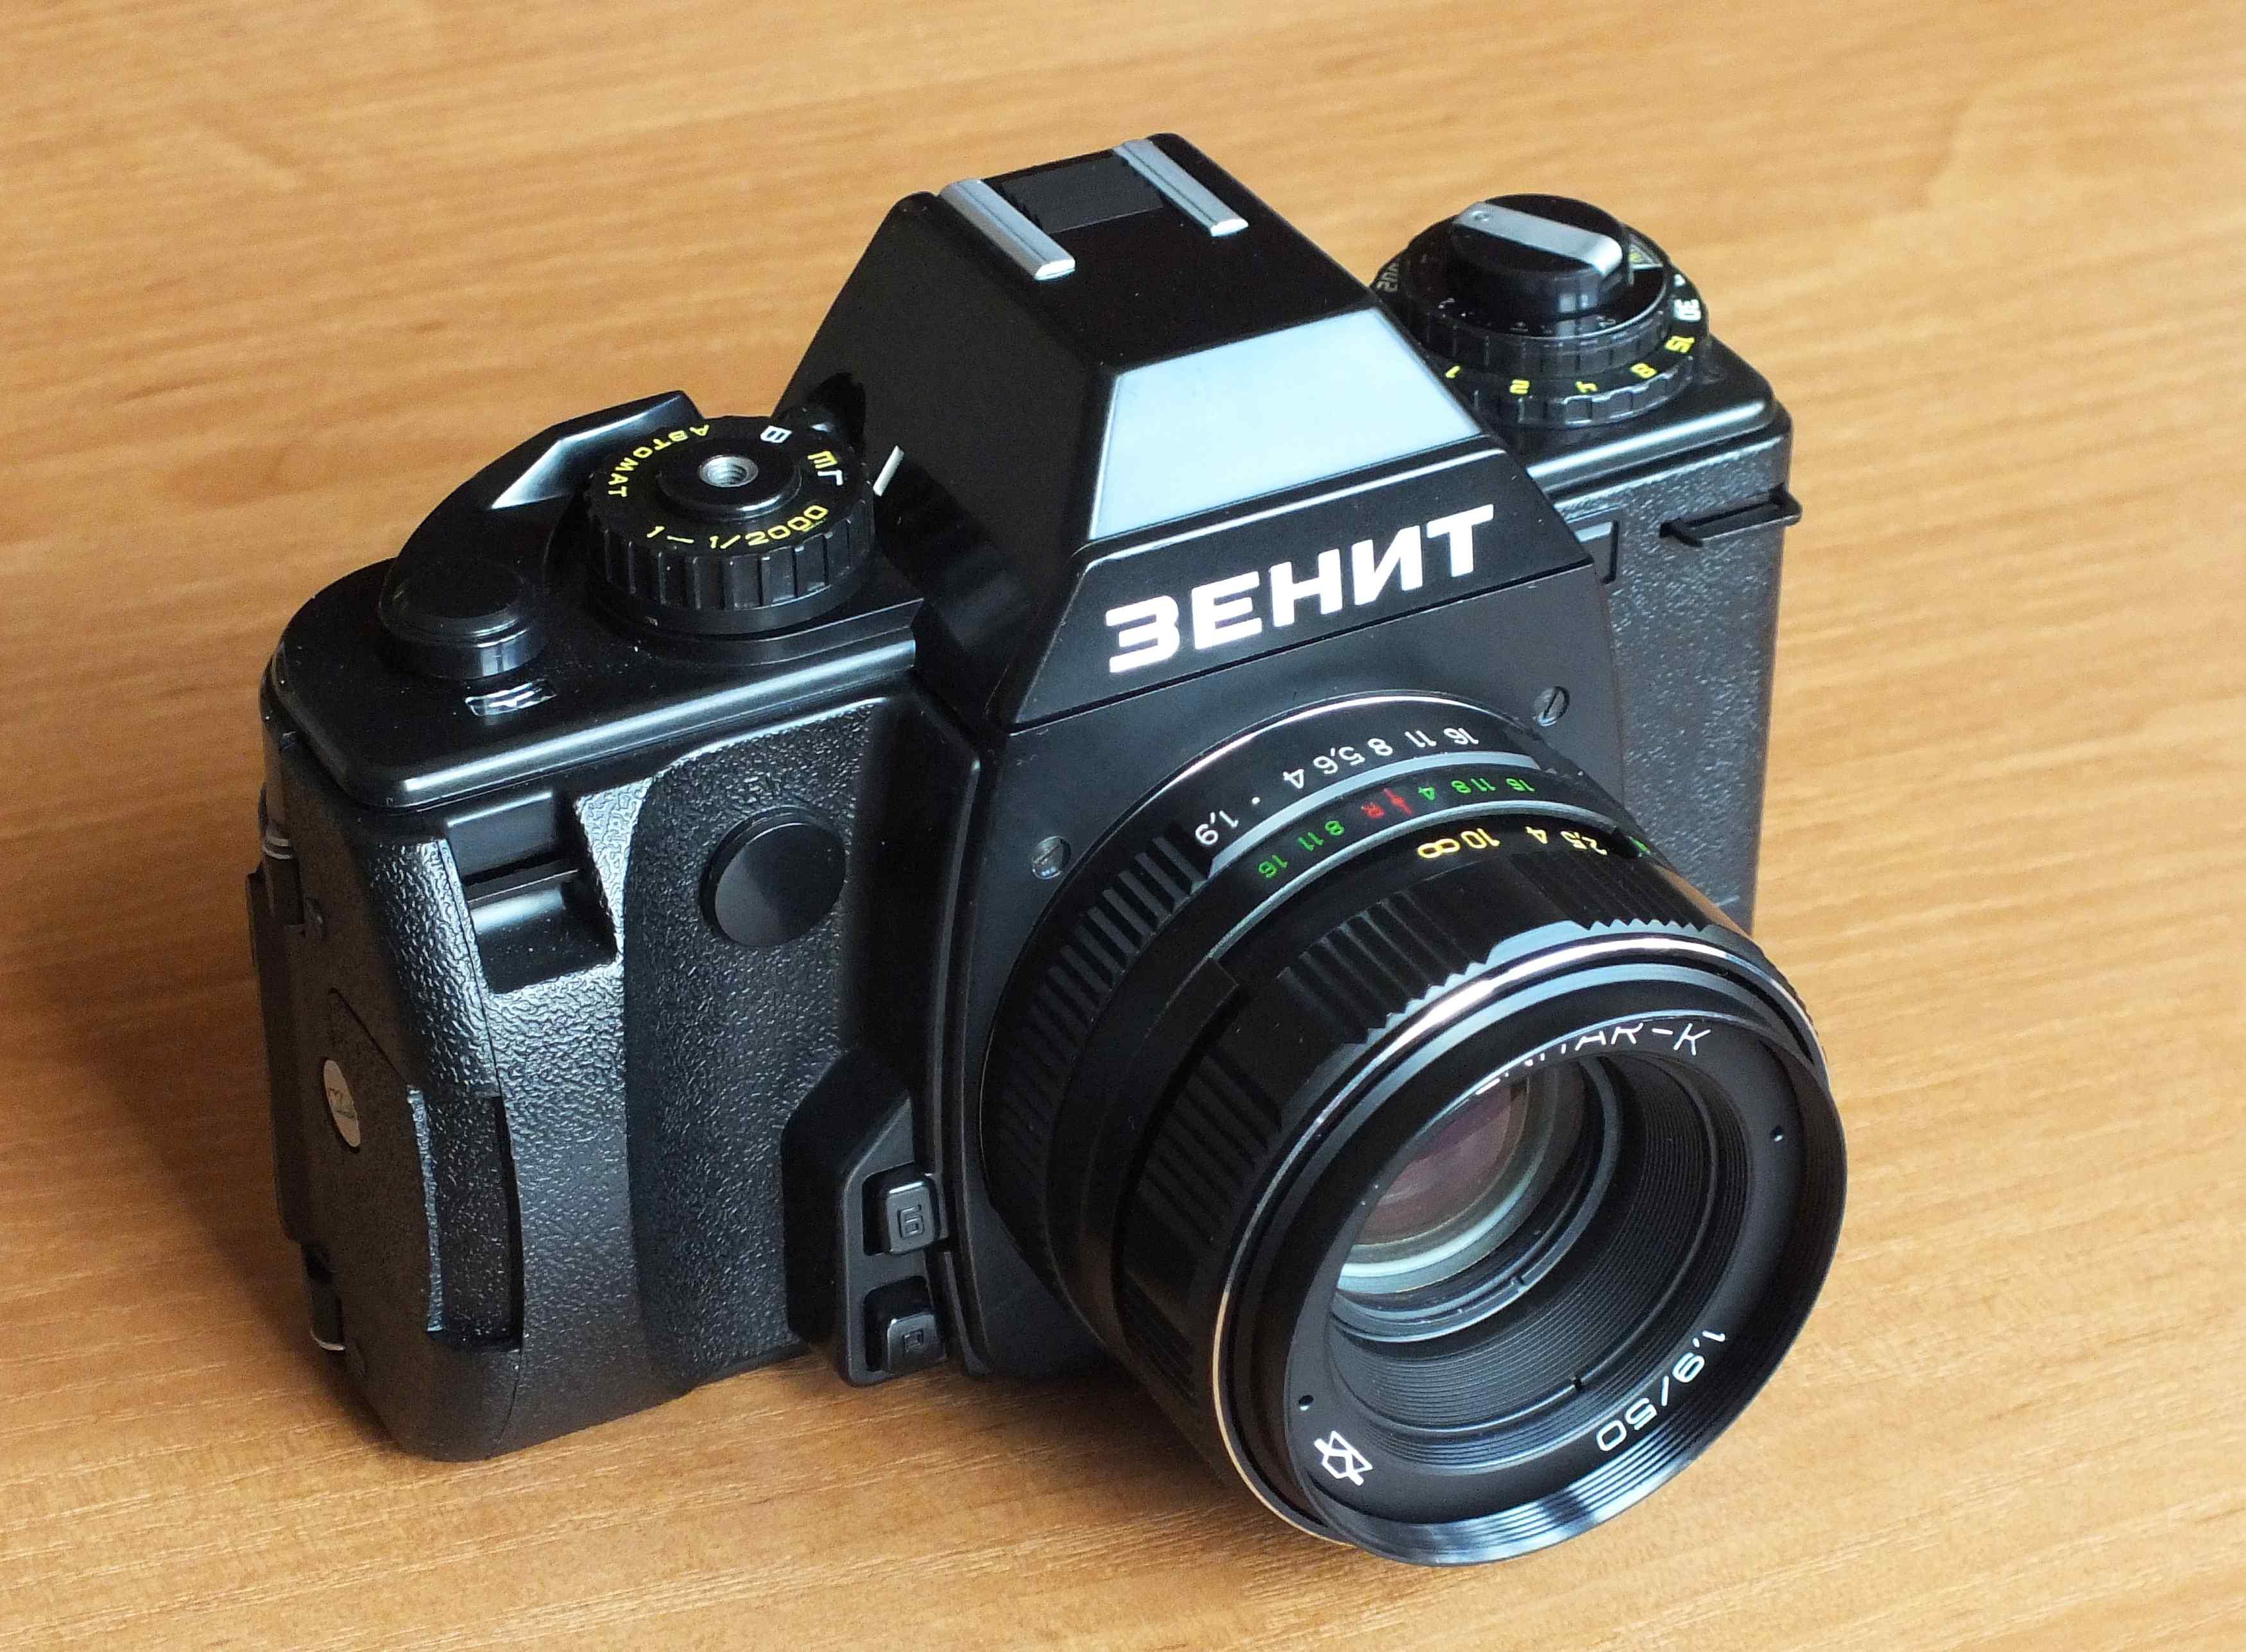 украсит интерьер сколько сейчас стоит фотоаппарат зенит было